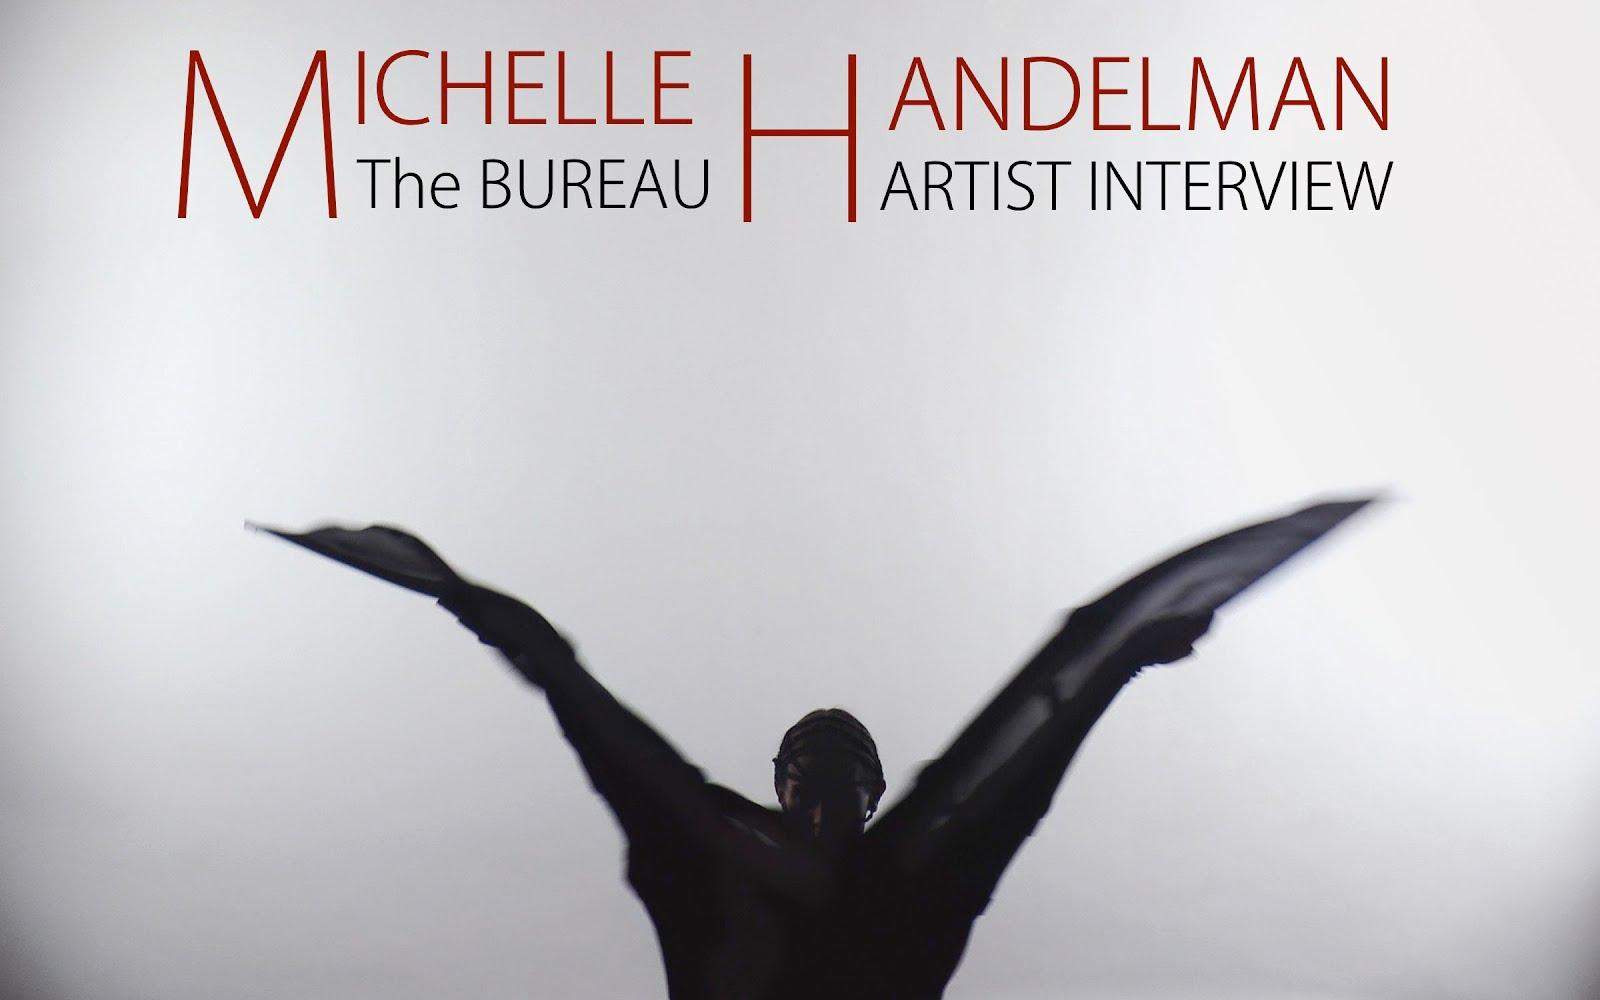 MICHELLE HANDELMAN